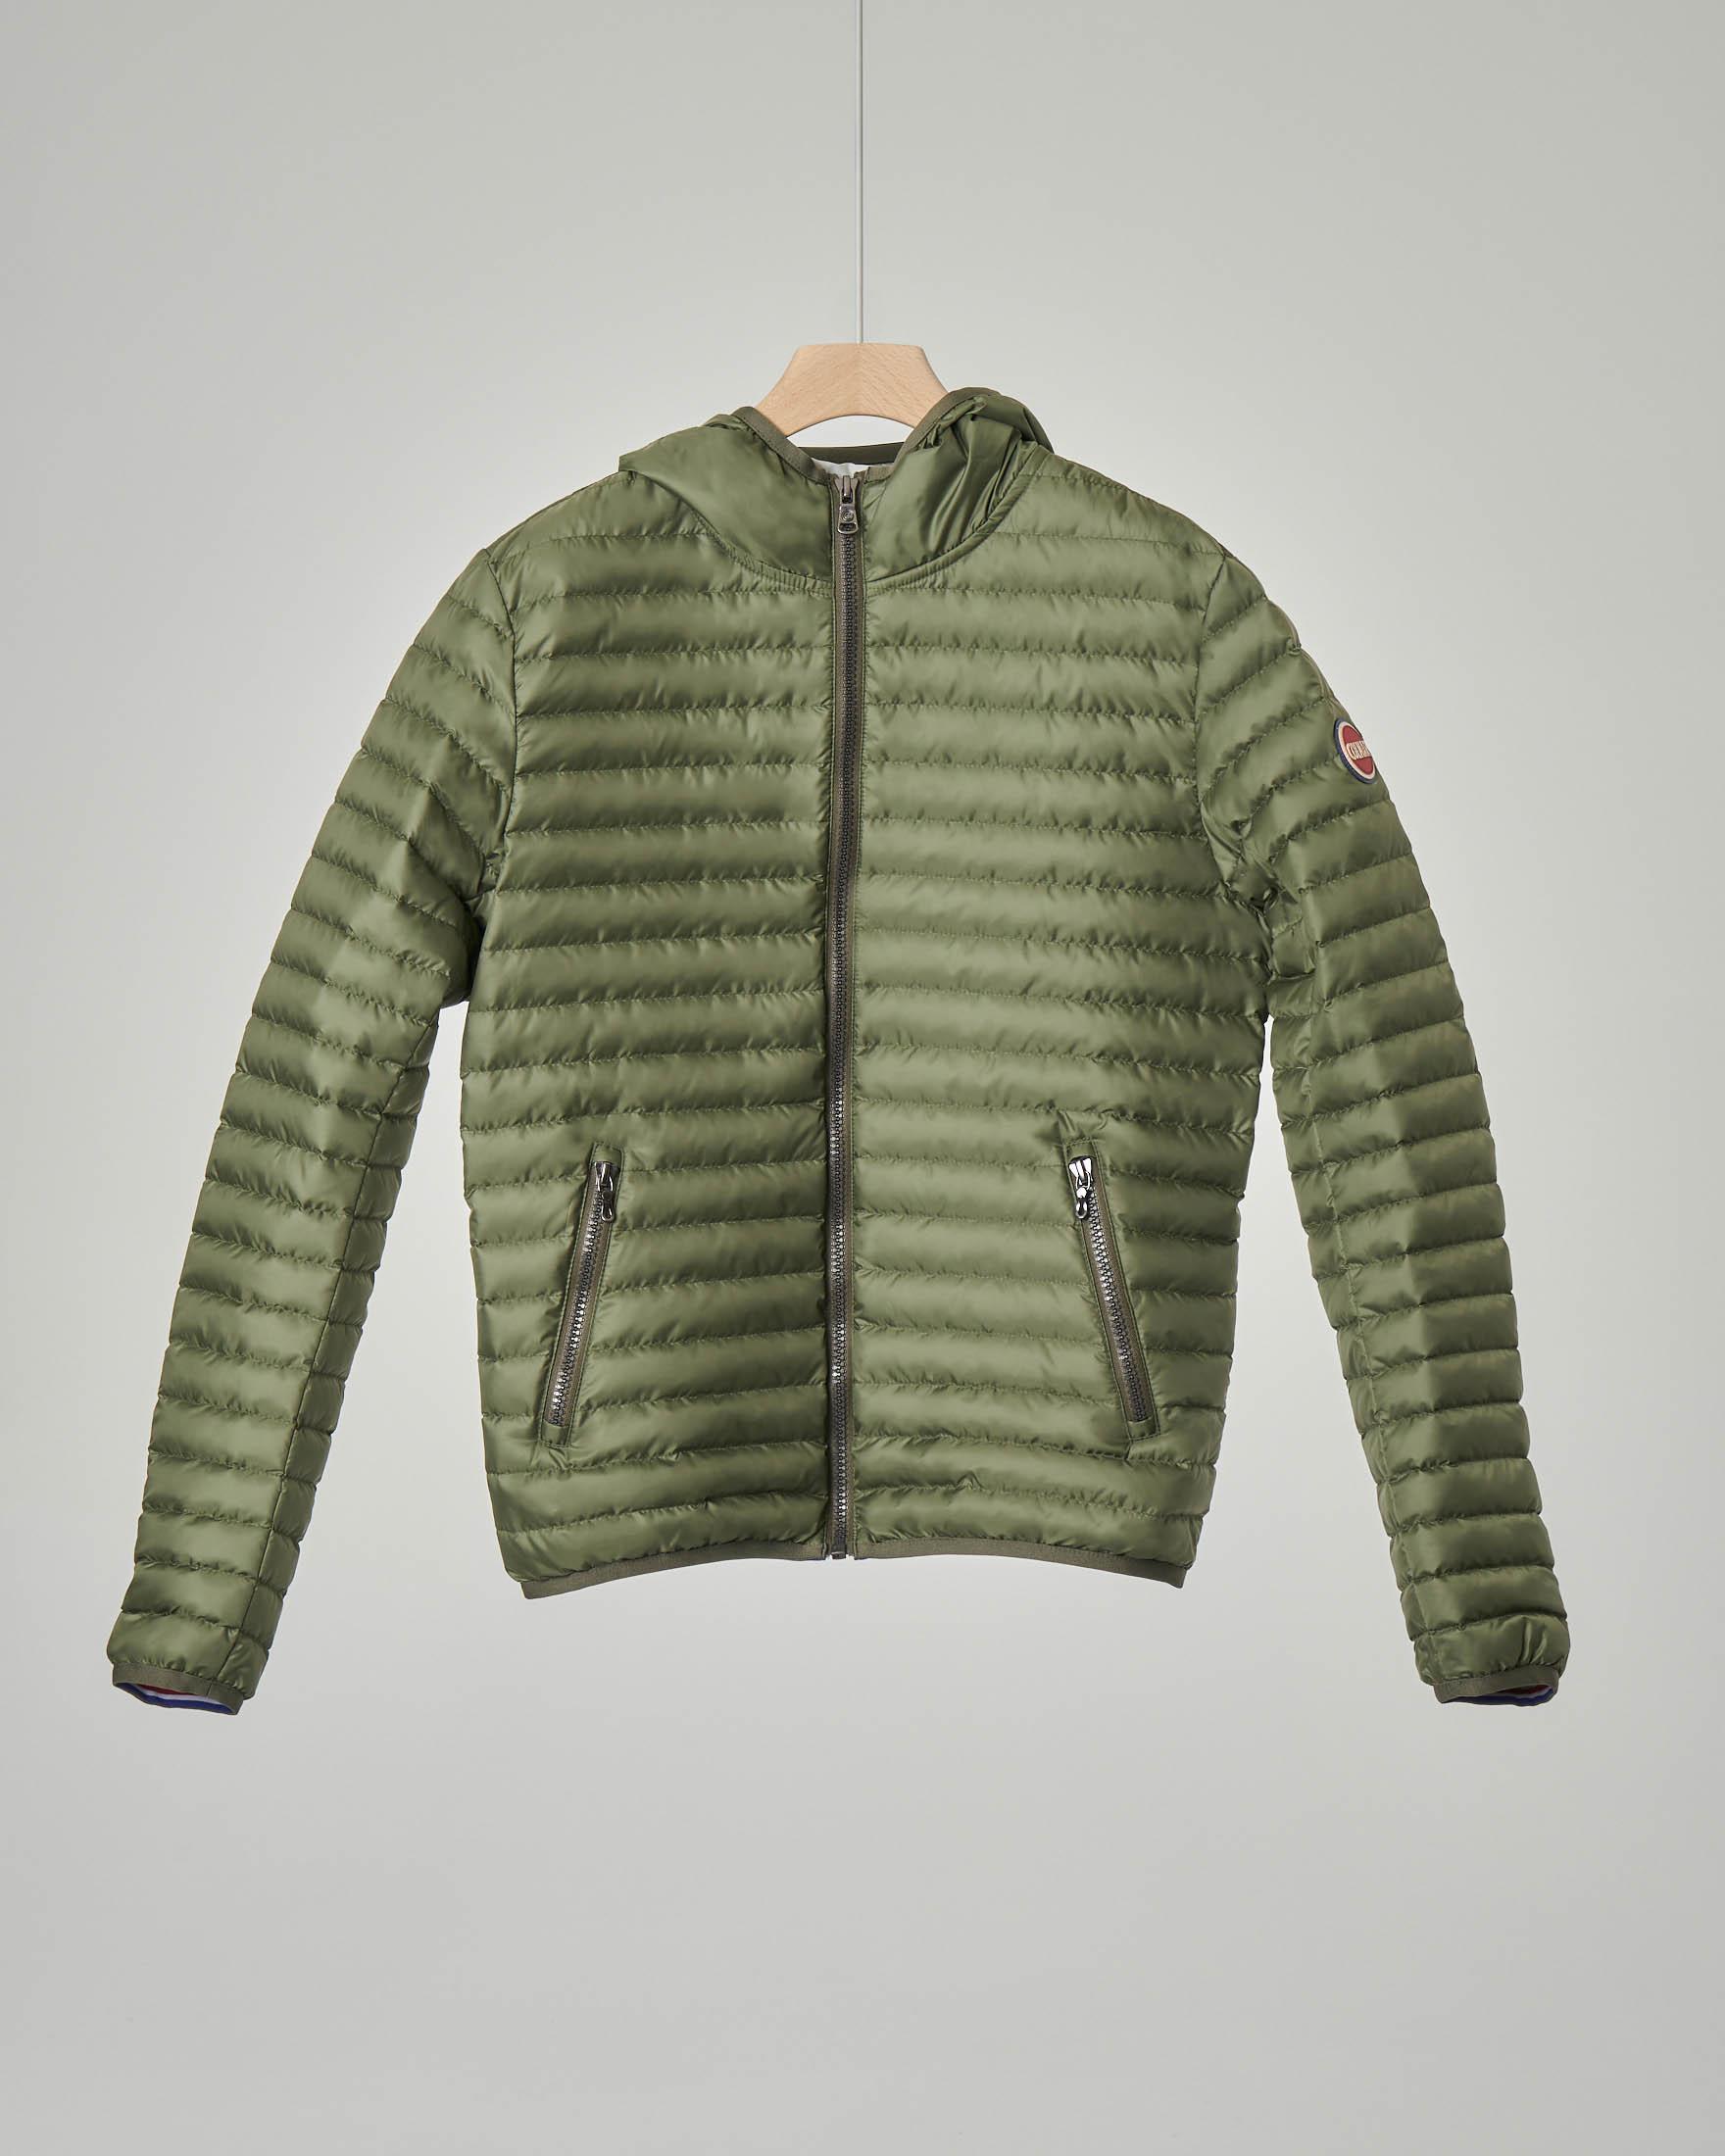 Piumino verde militare con cappuccio 12-16 anni